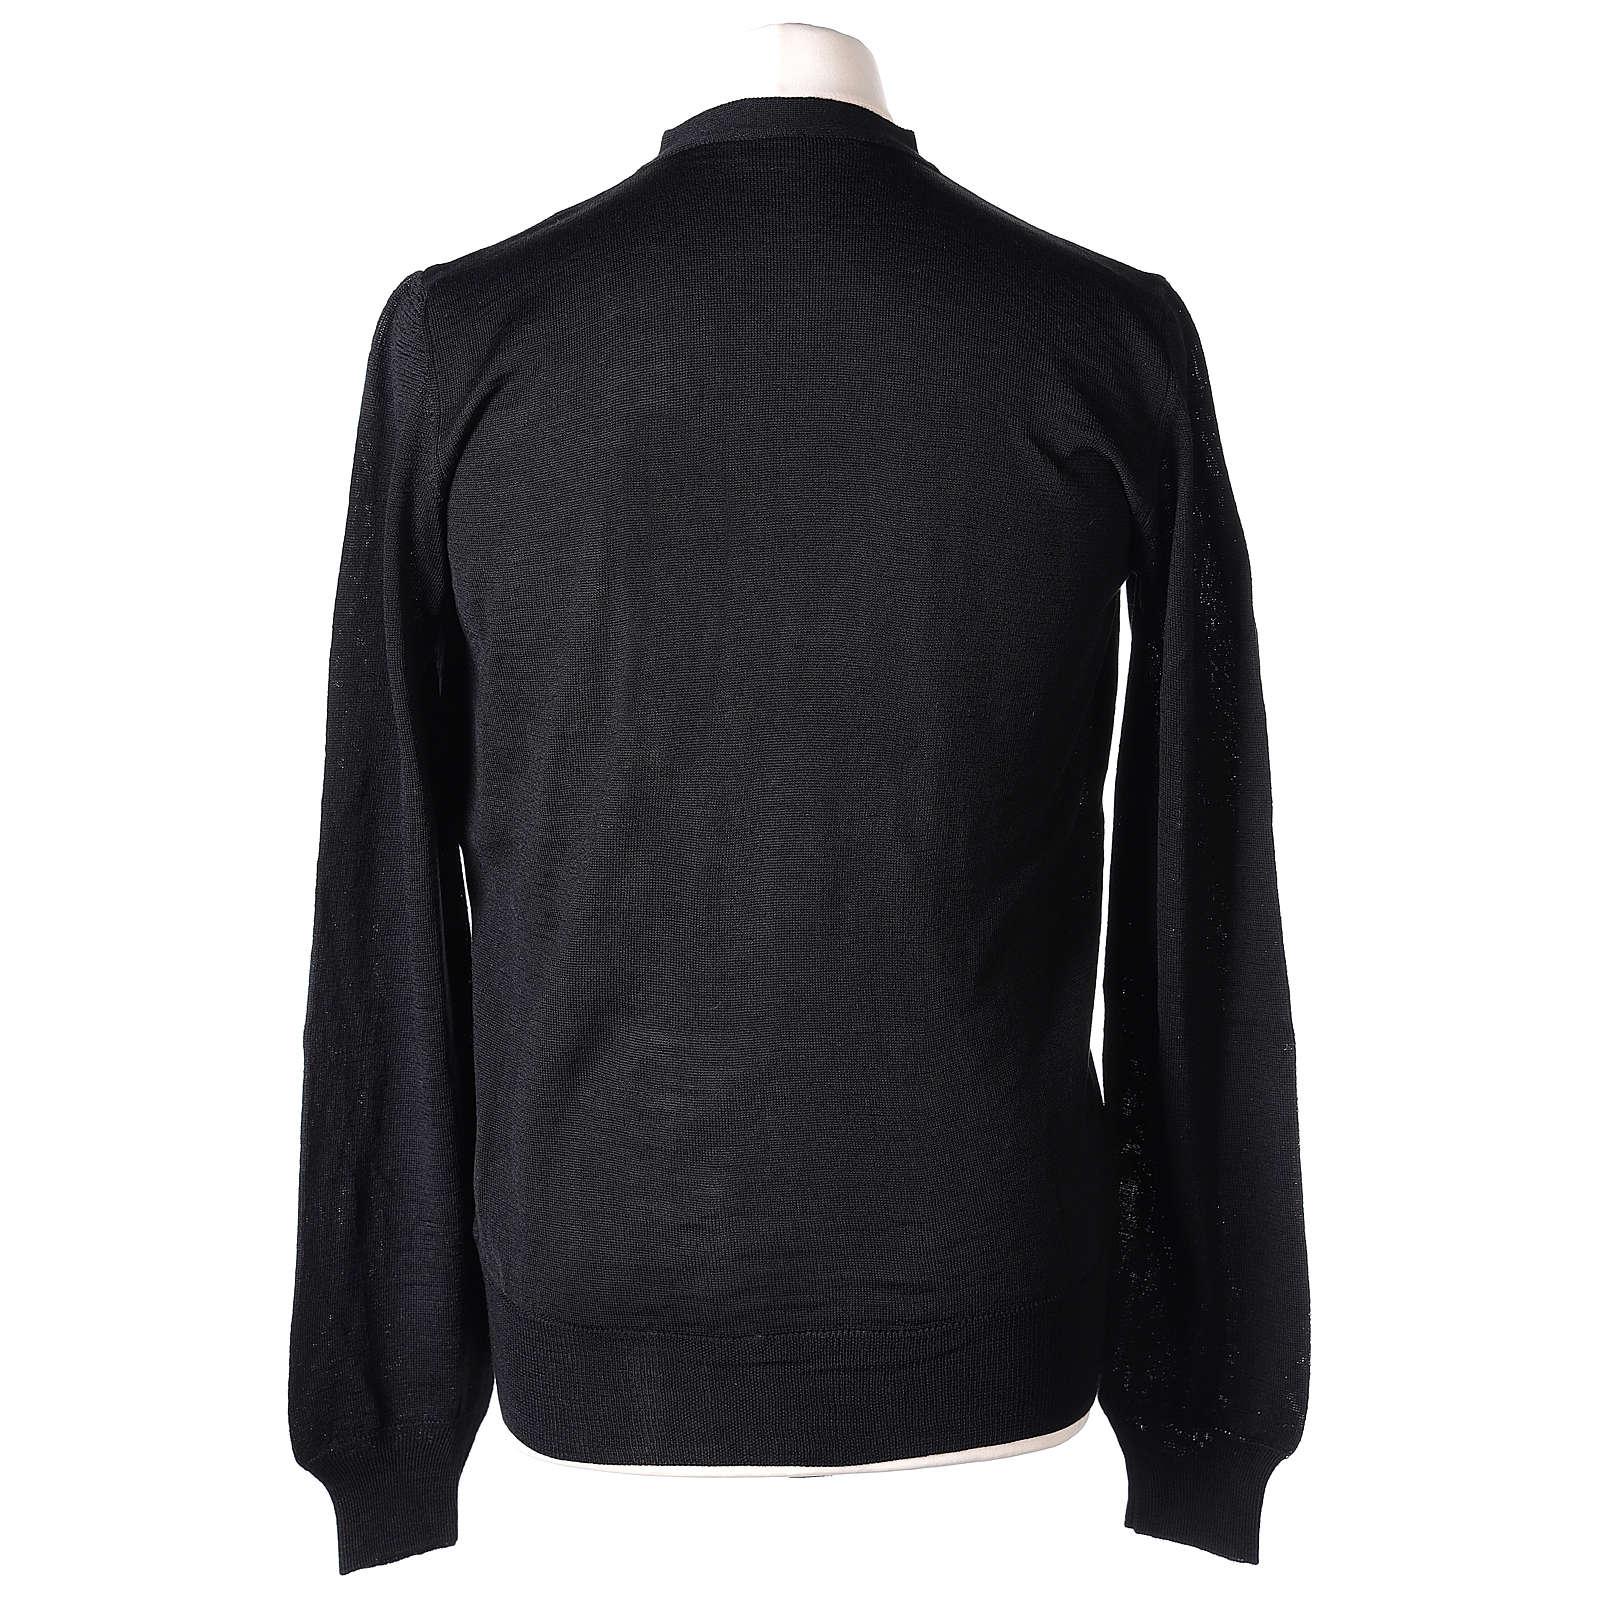 Giacca sacerdote nero maglia rasata 50% acrilico 50% lana merino In Primis 4